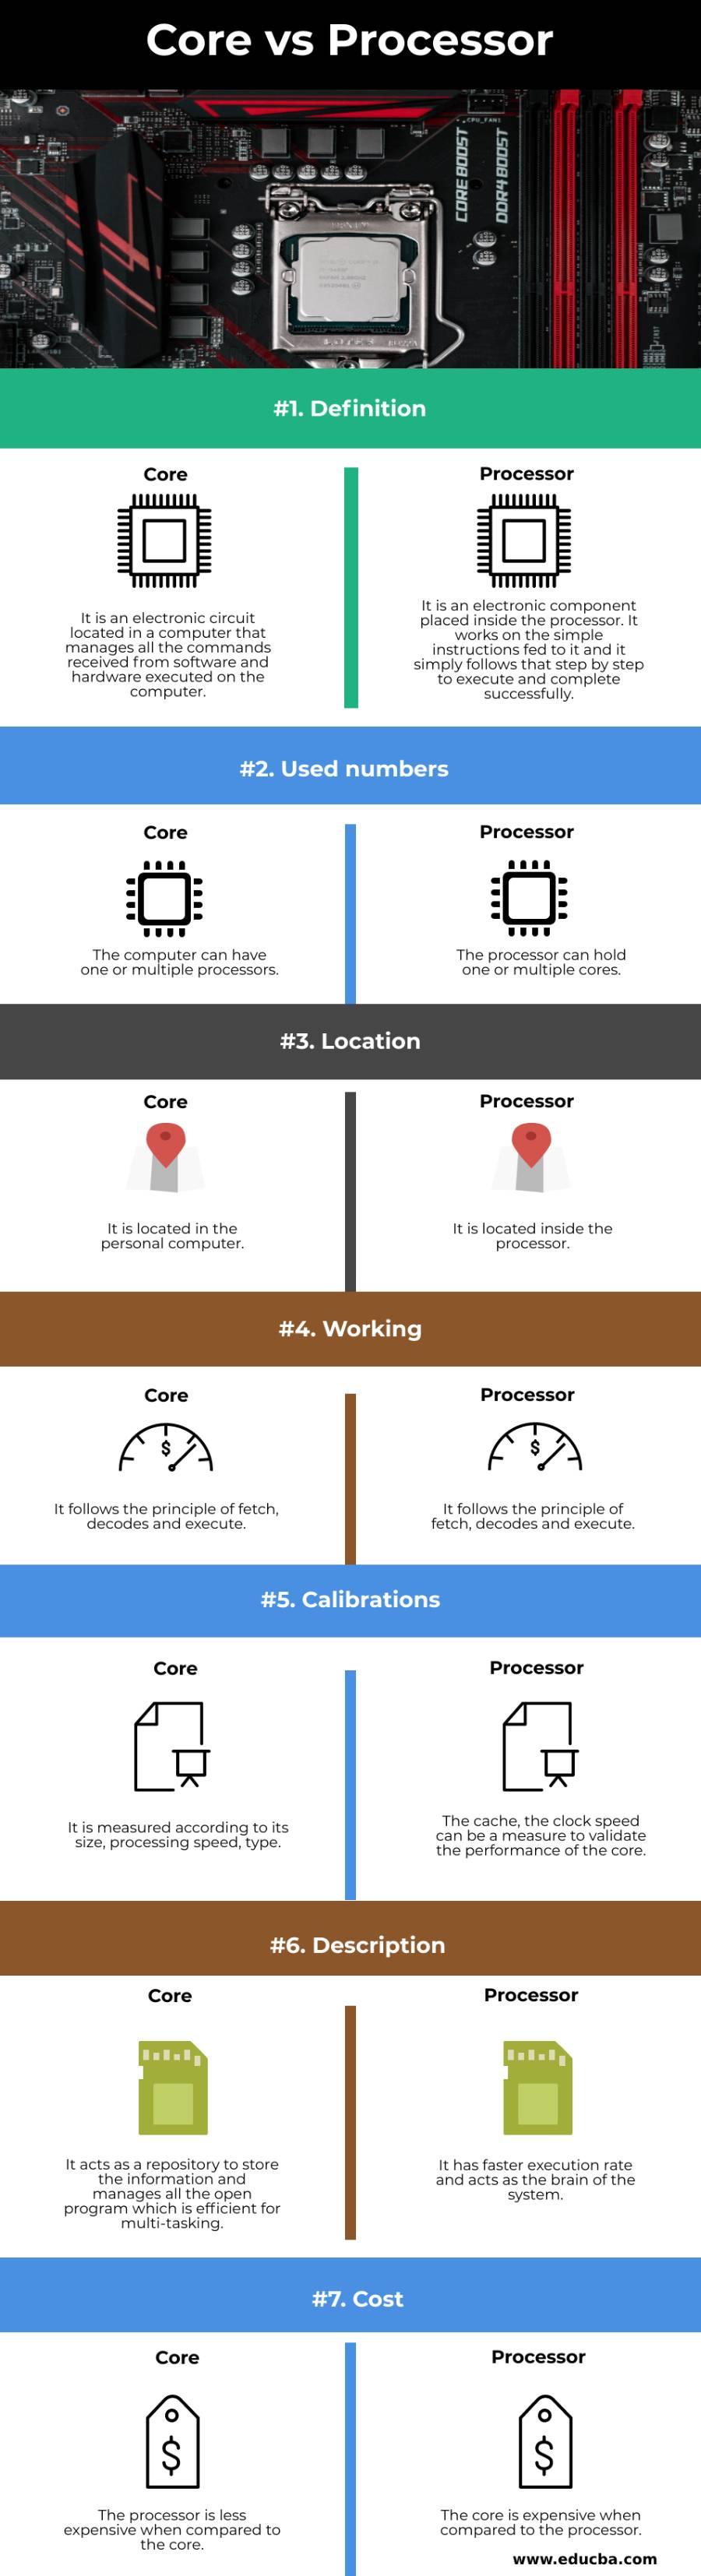 Core vs Processor info